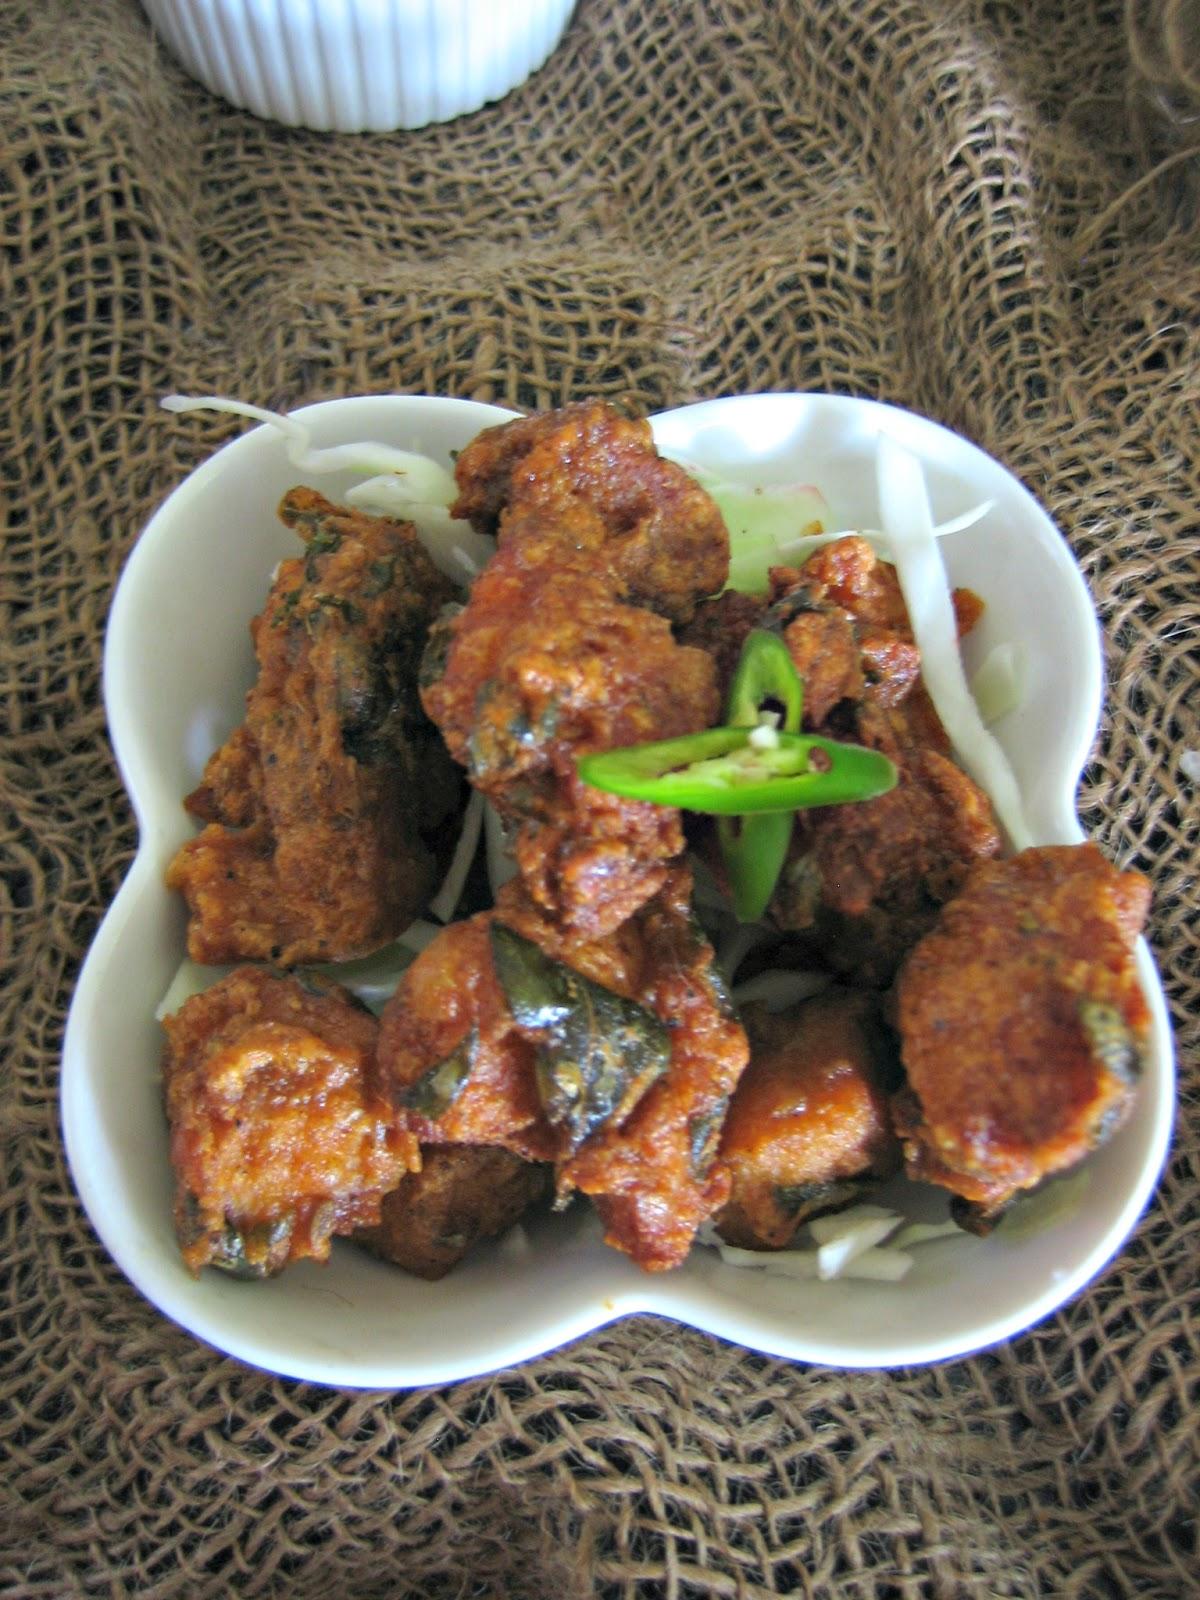 restaurant style chicken65 2